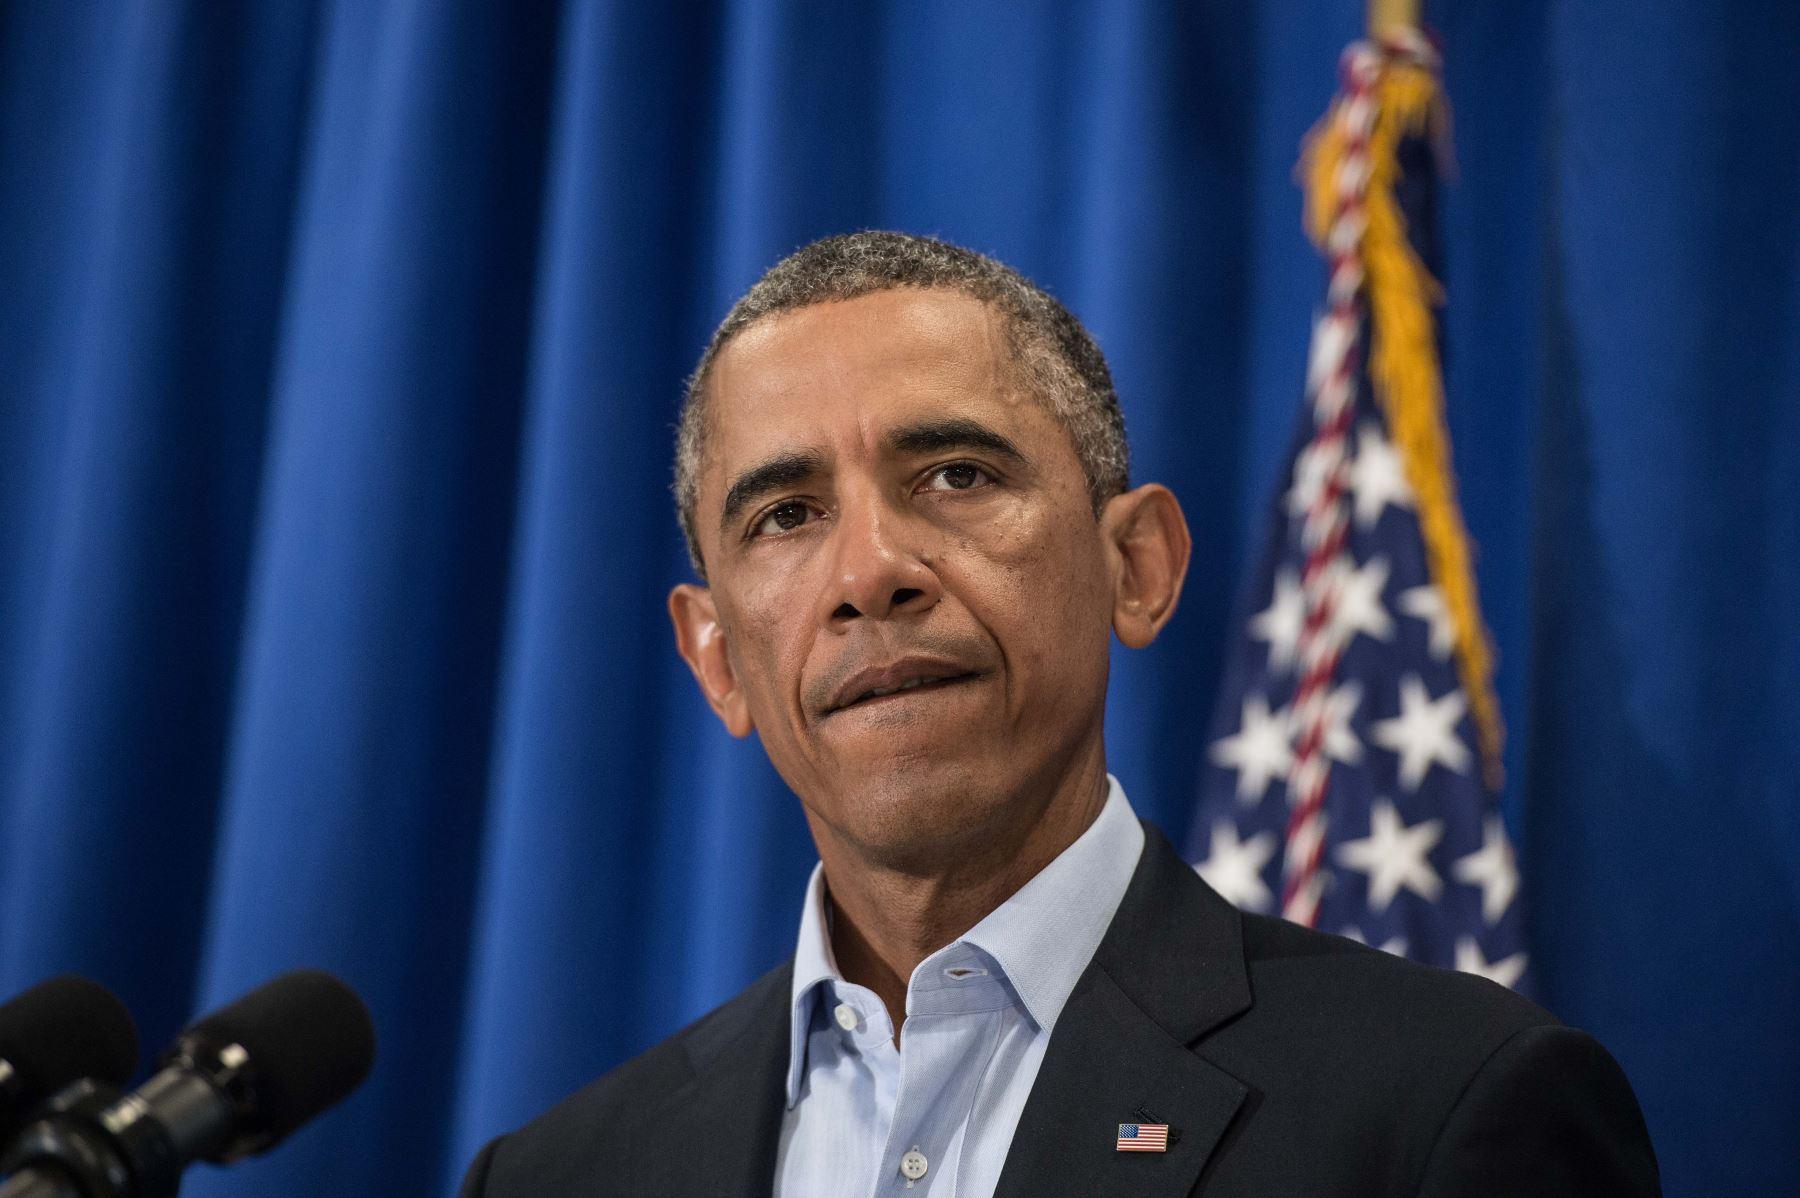 Estados Unidos confirmó que video del asesinato de James Foley es auténtico. Foto: AFP.